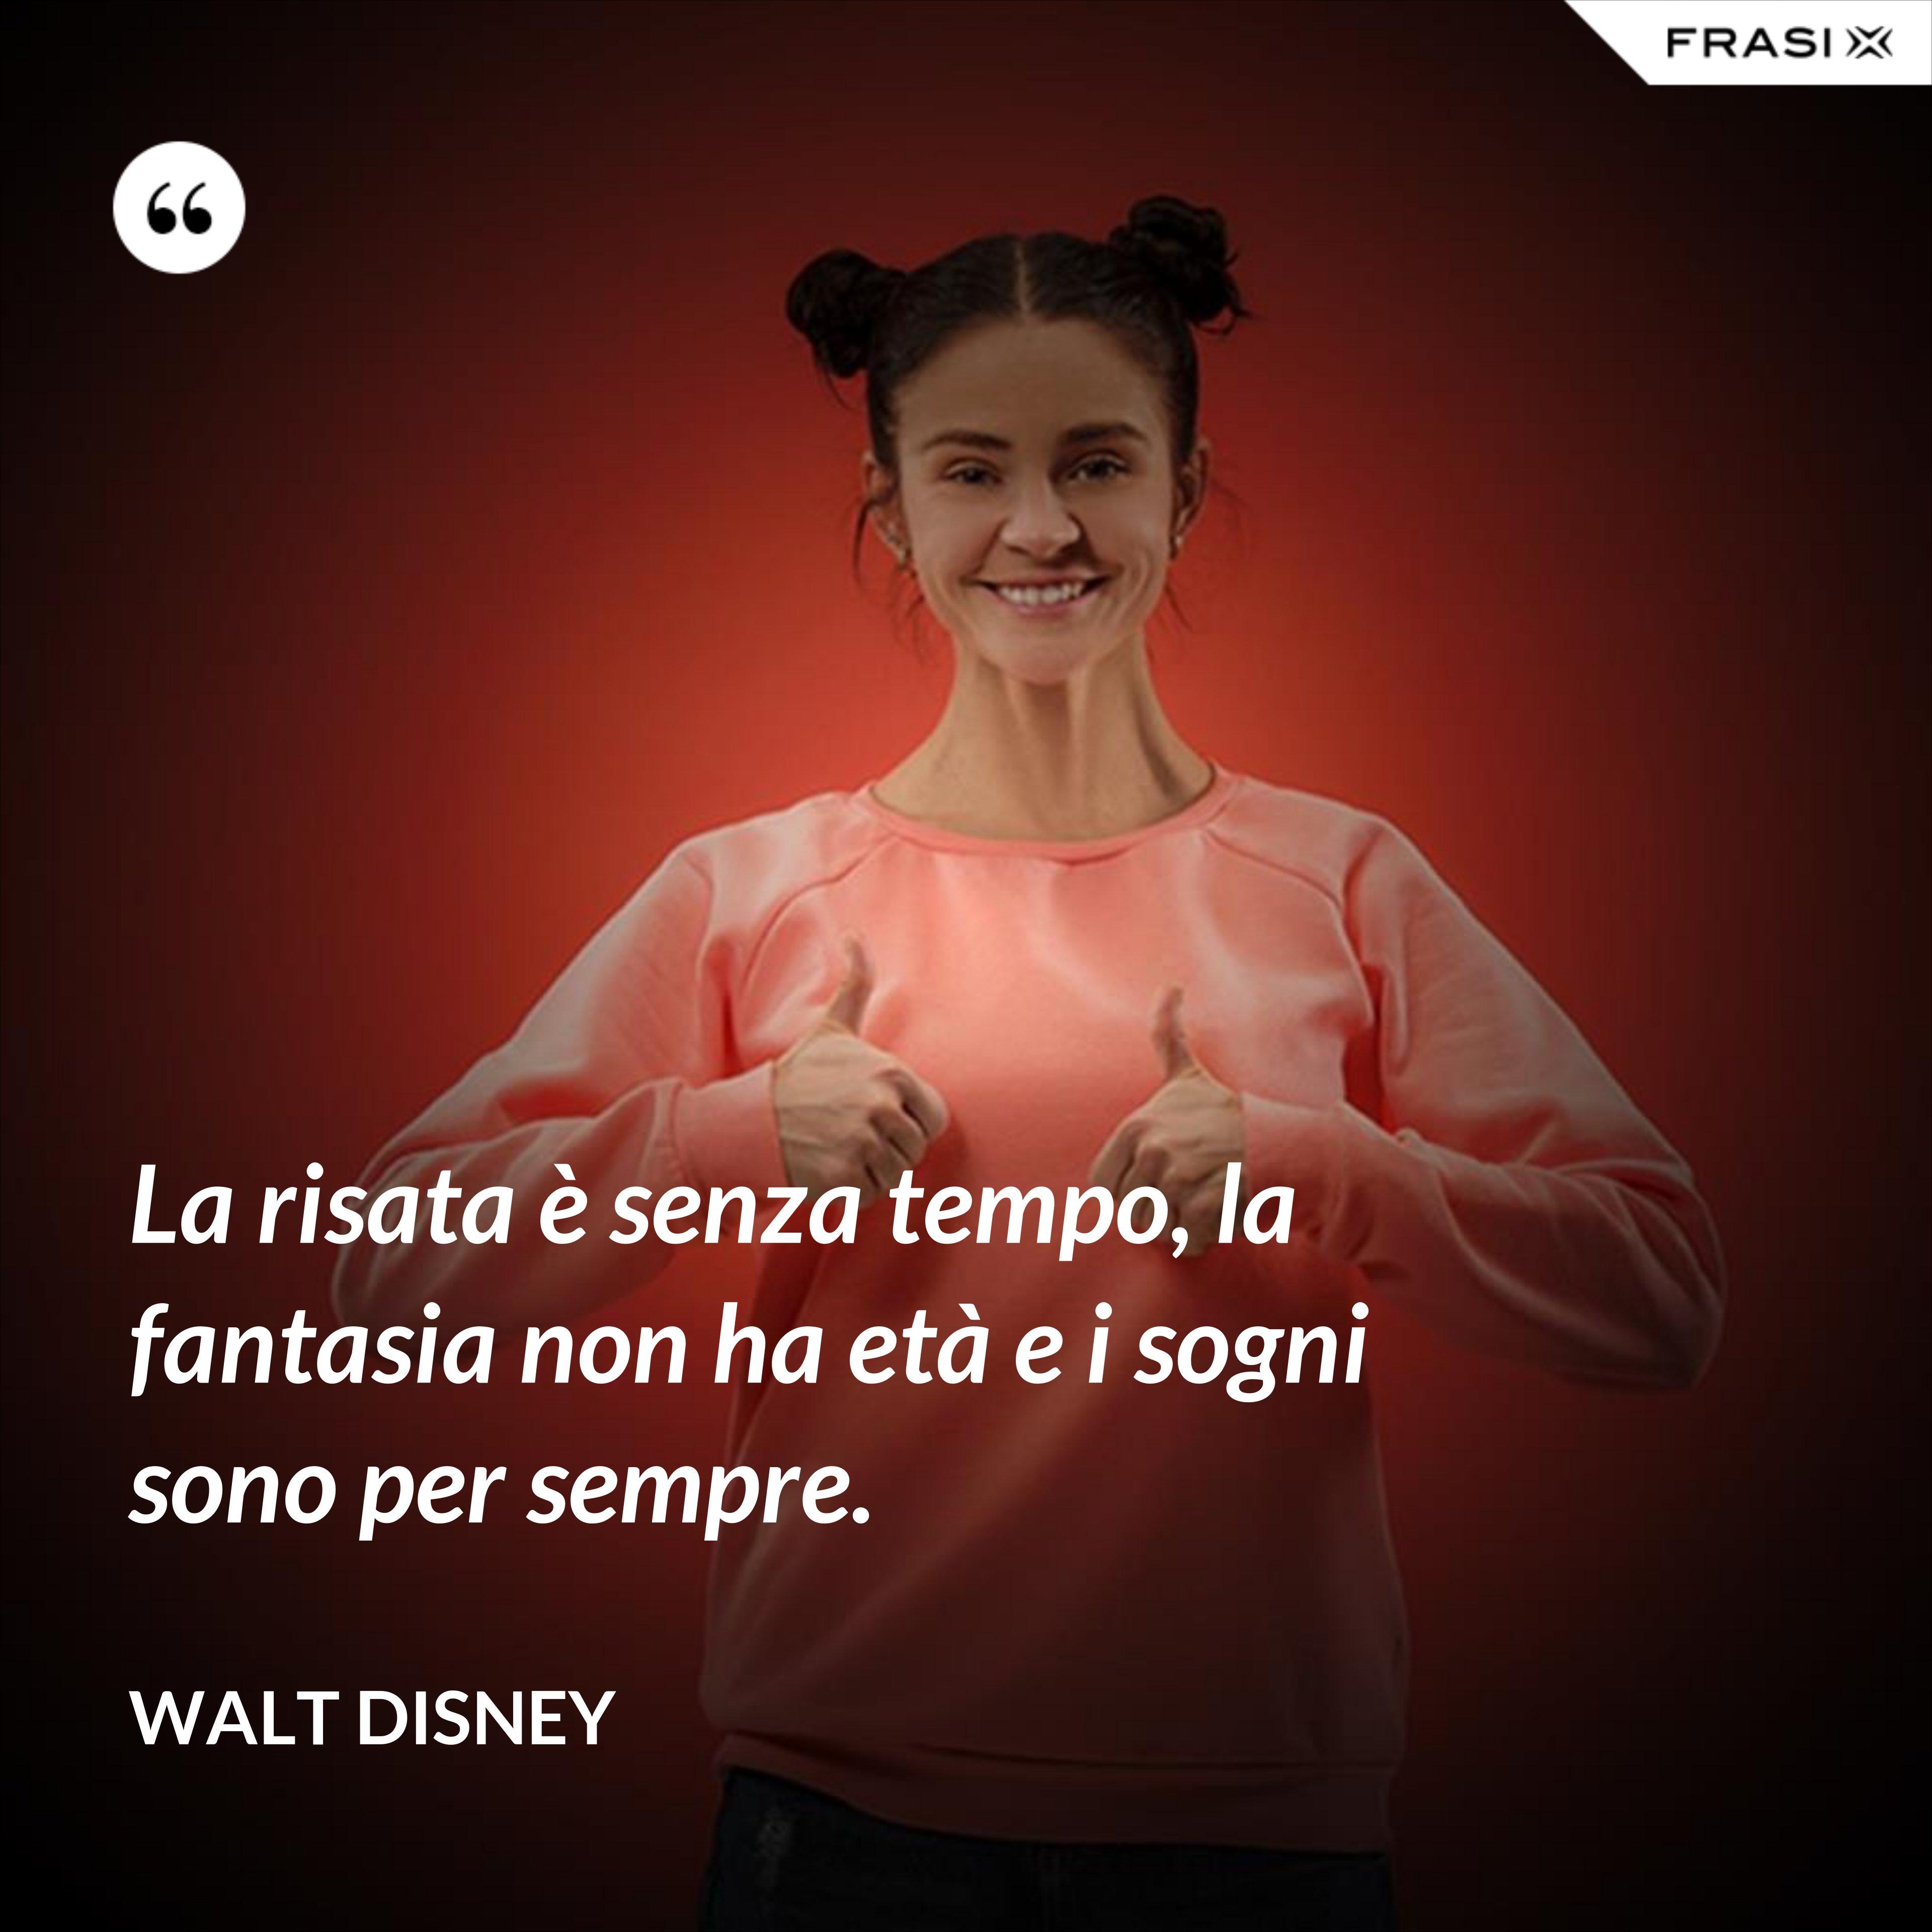 La risata è senza tempo, la fantasia non ha età e i sogni sono per sempre. - Walt Disney